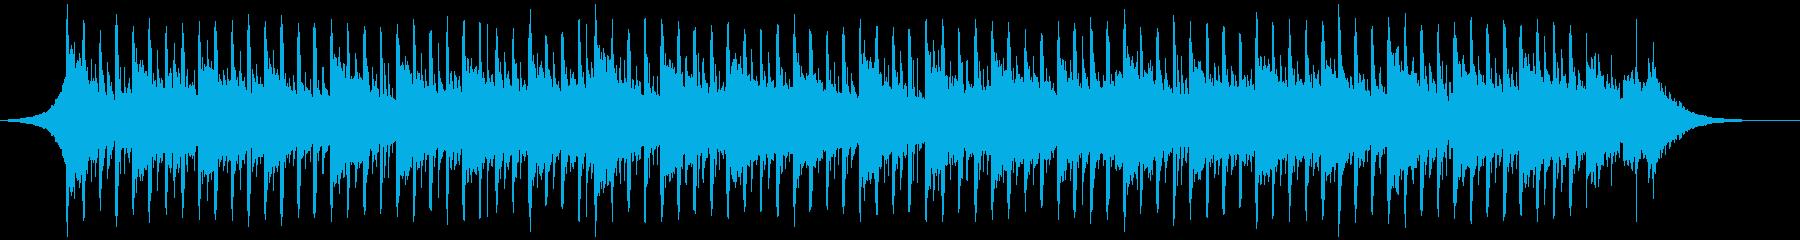 説明者の背景(60秒)の再生済みの波形